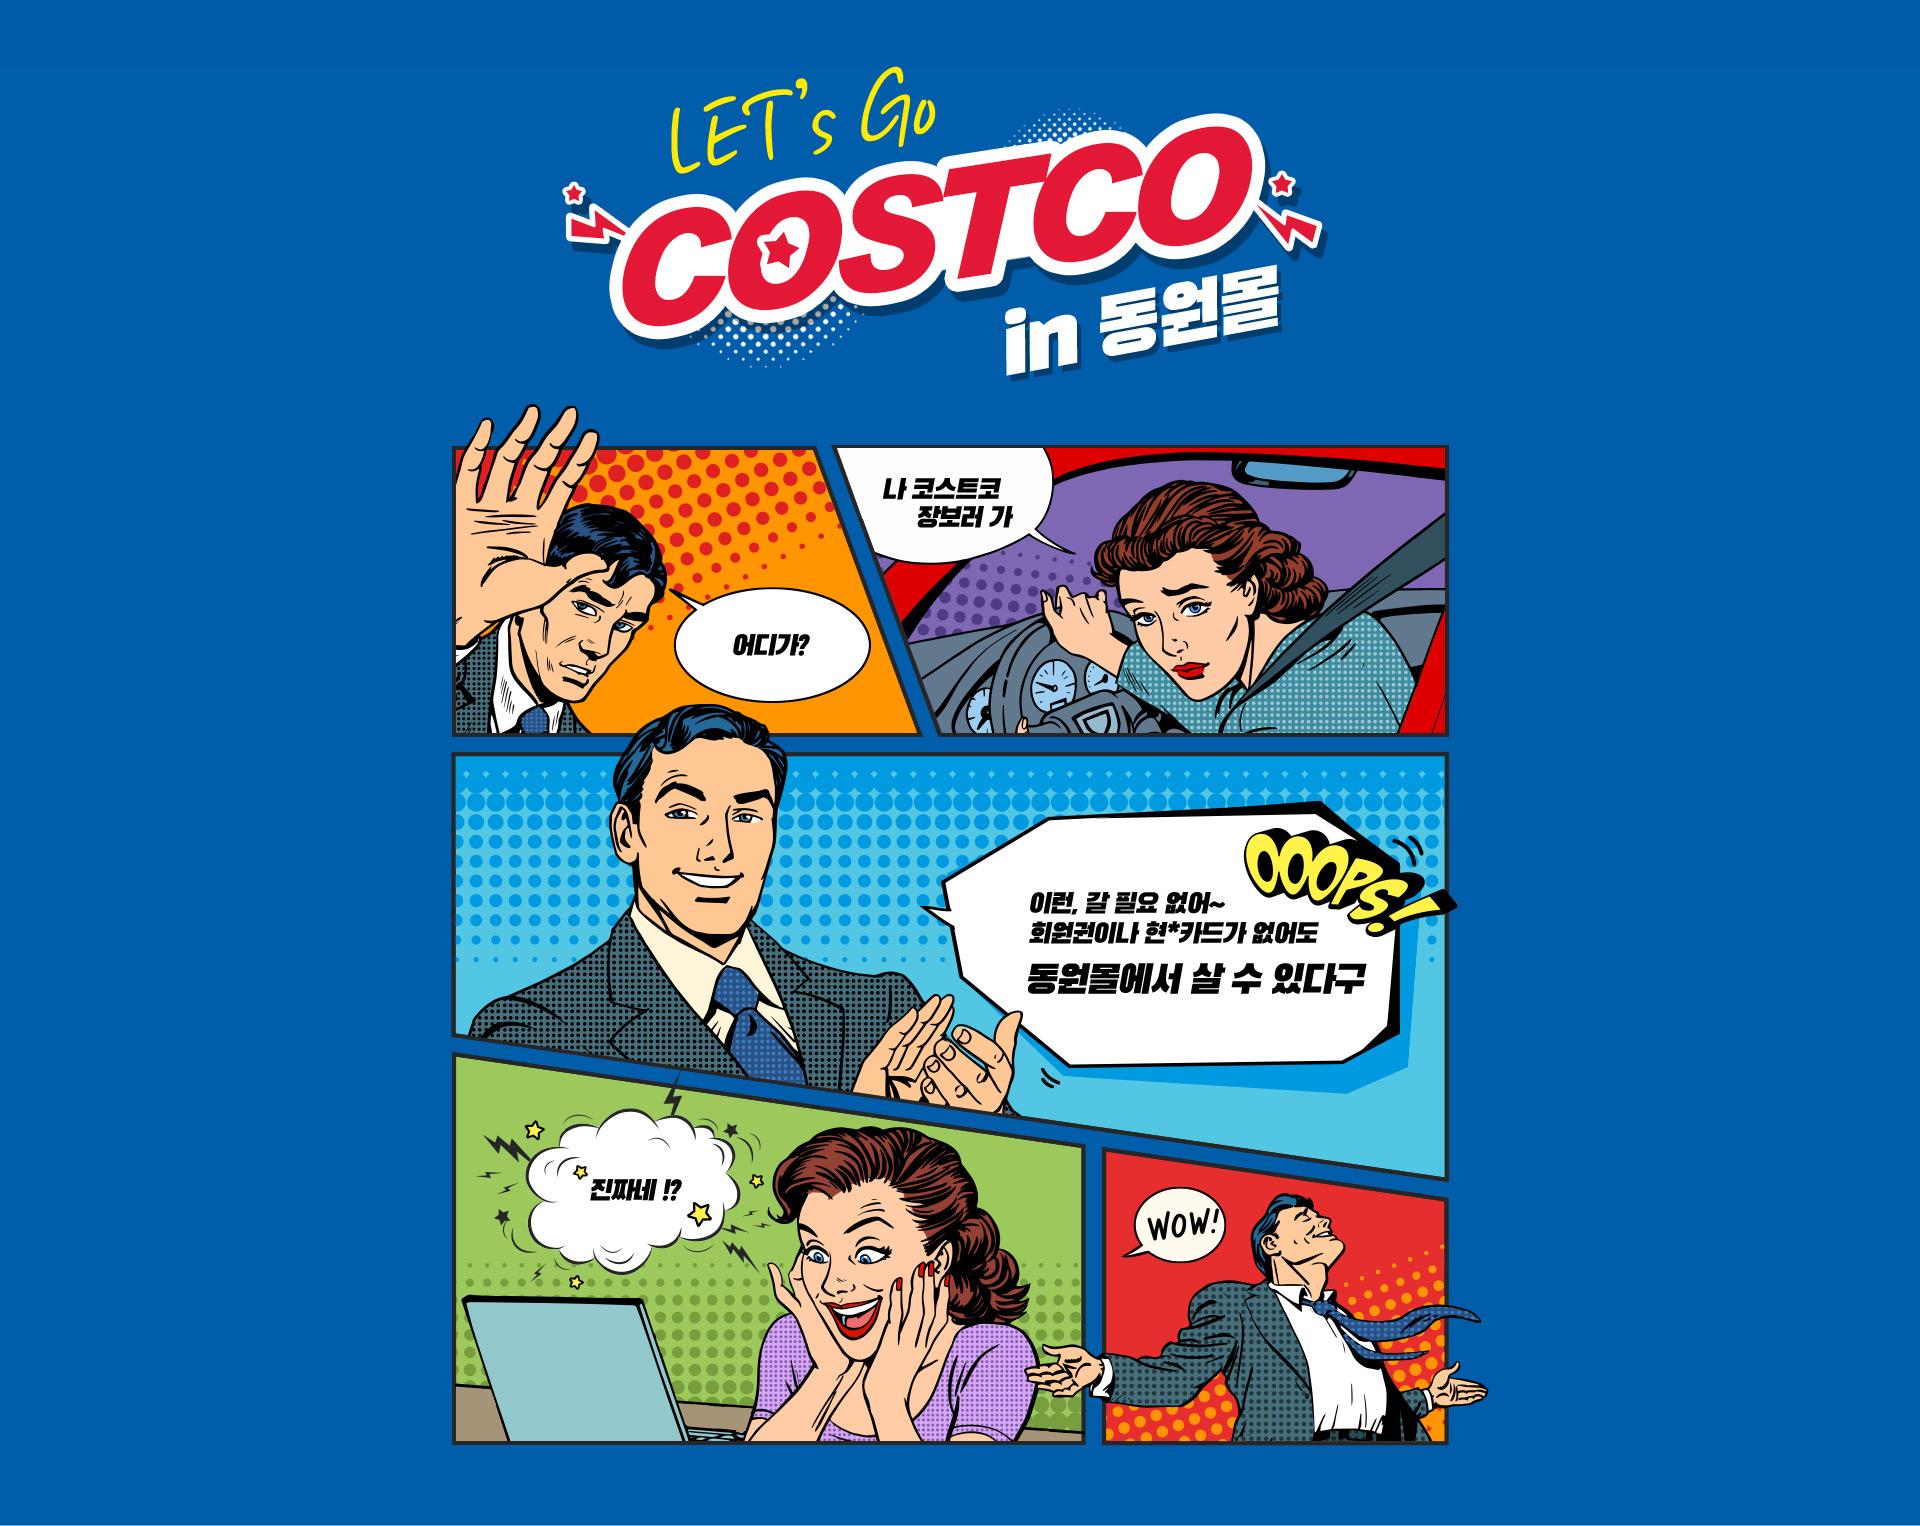 LET's Go COSTCO in 동원몰! 어디가? 나 코스트코 장보러 가. 이런, 갈 필요 없어~ 회원권이나 현*카드가 없어도 동원몰에서 살 수 있다구. 진짜네? 와우